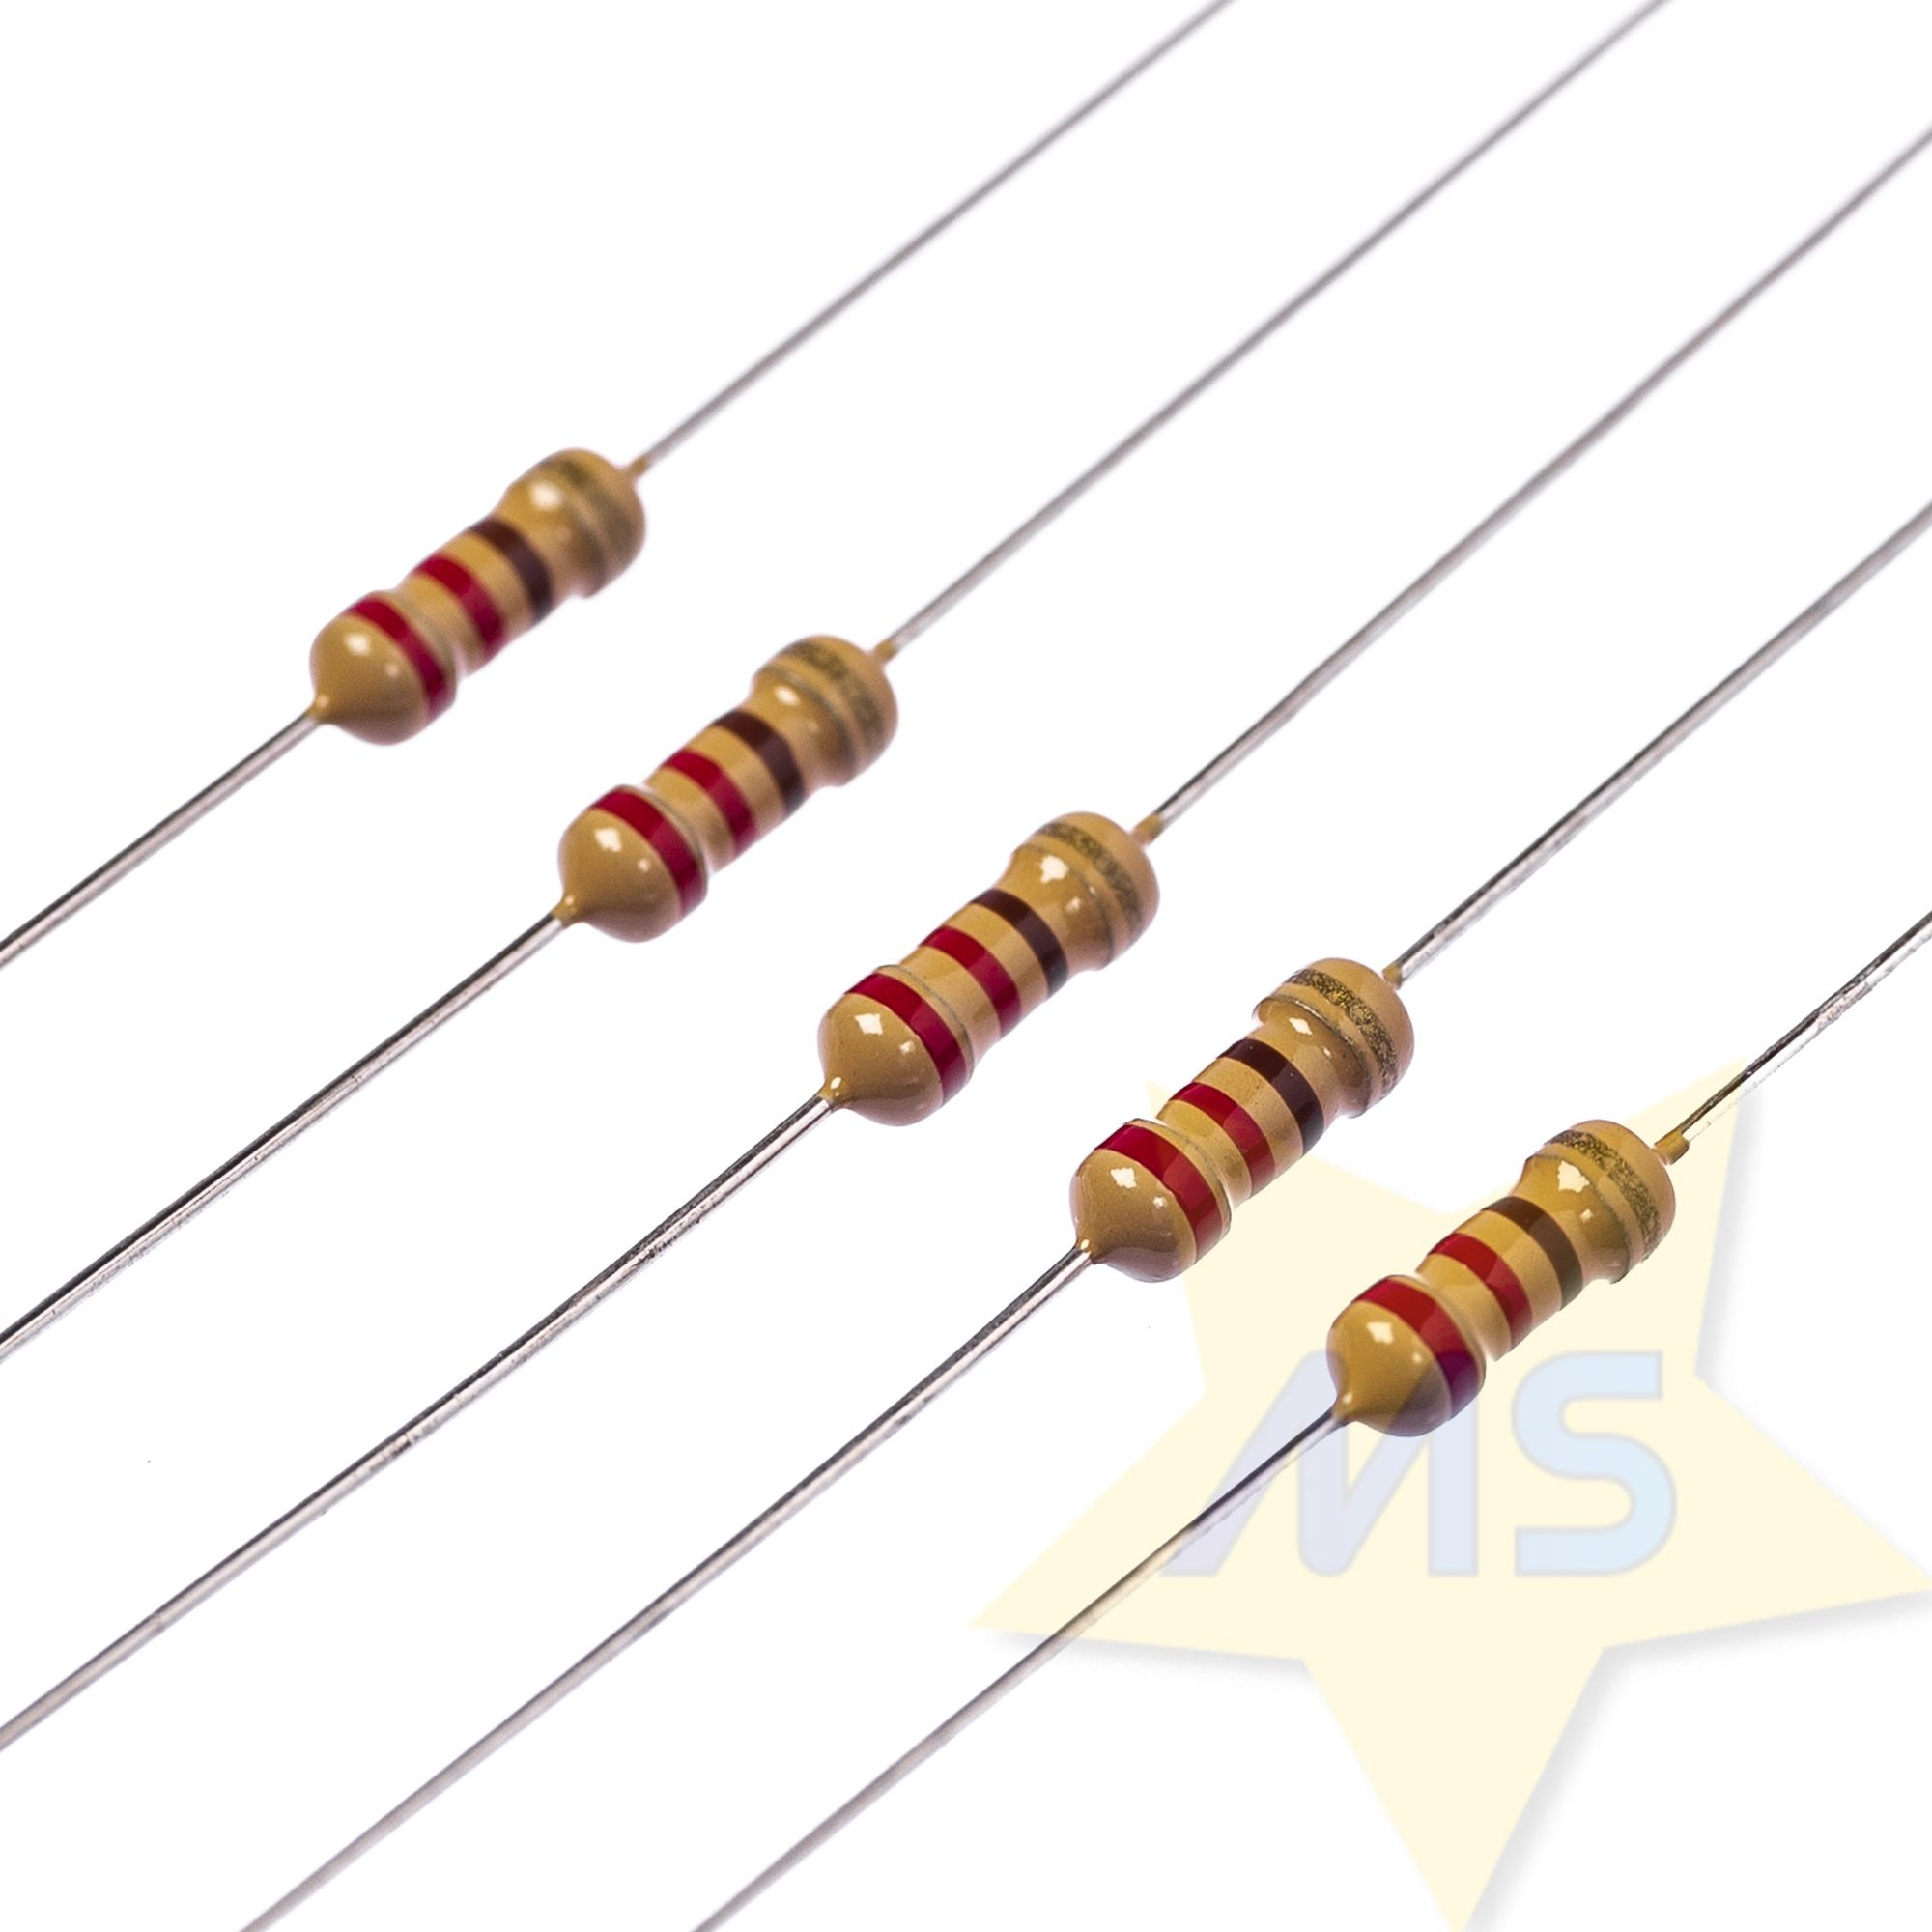 Resistor 220R 1/4W